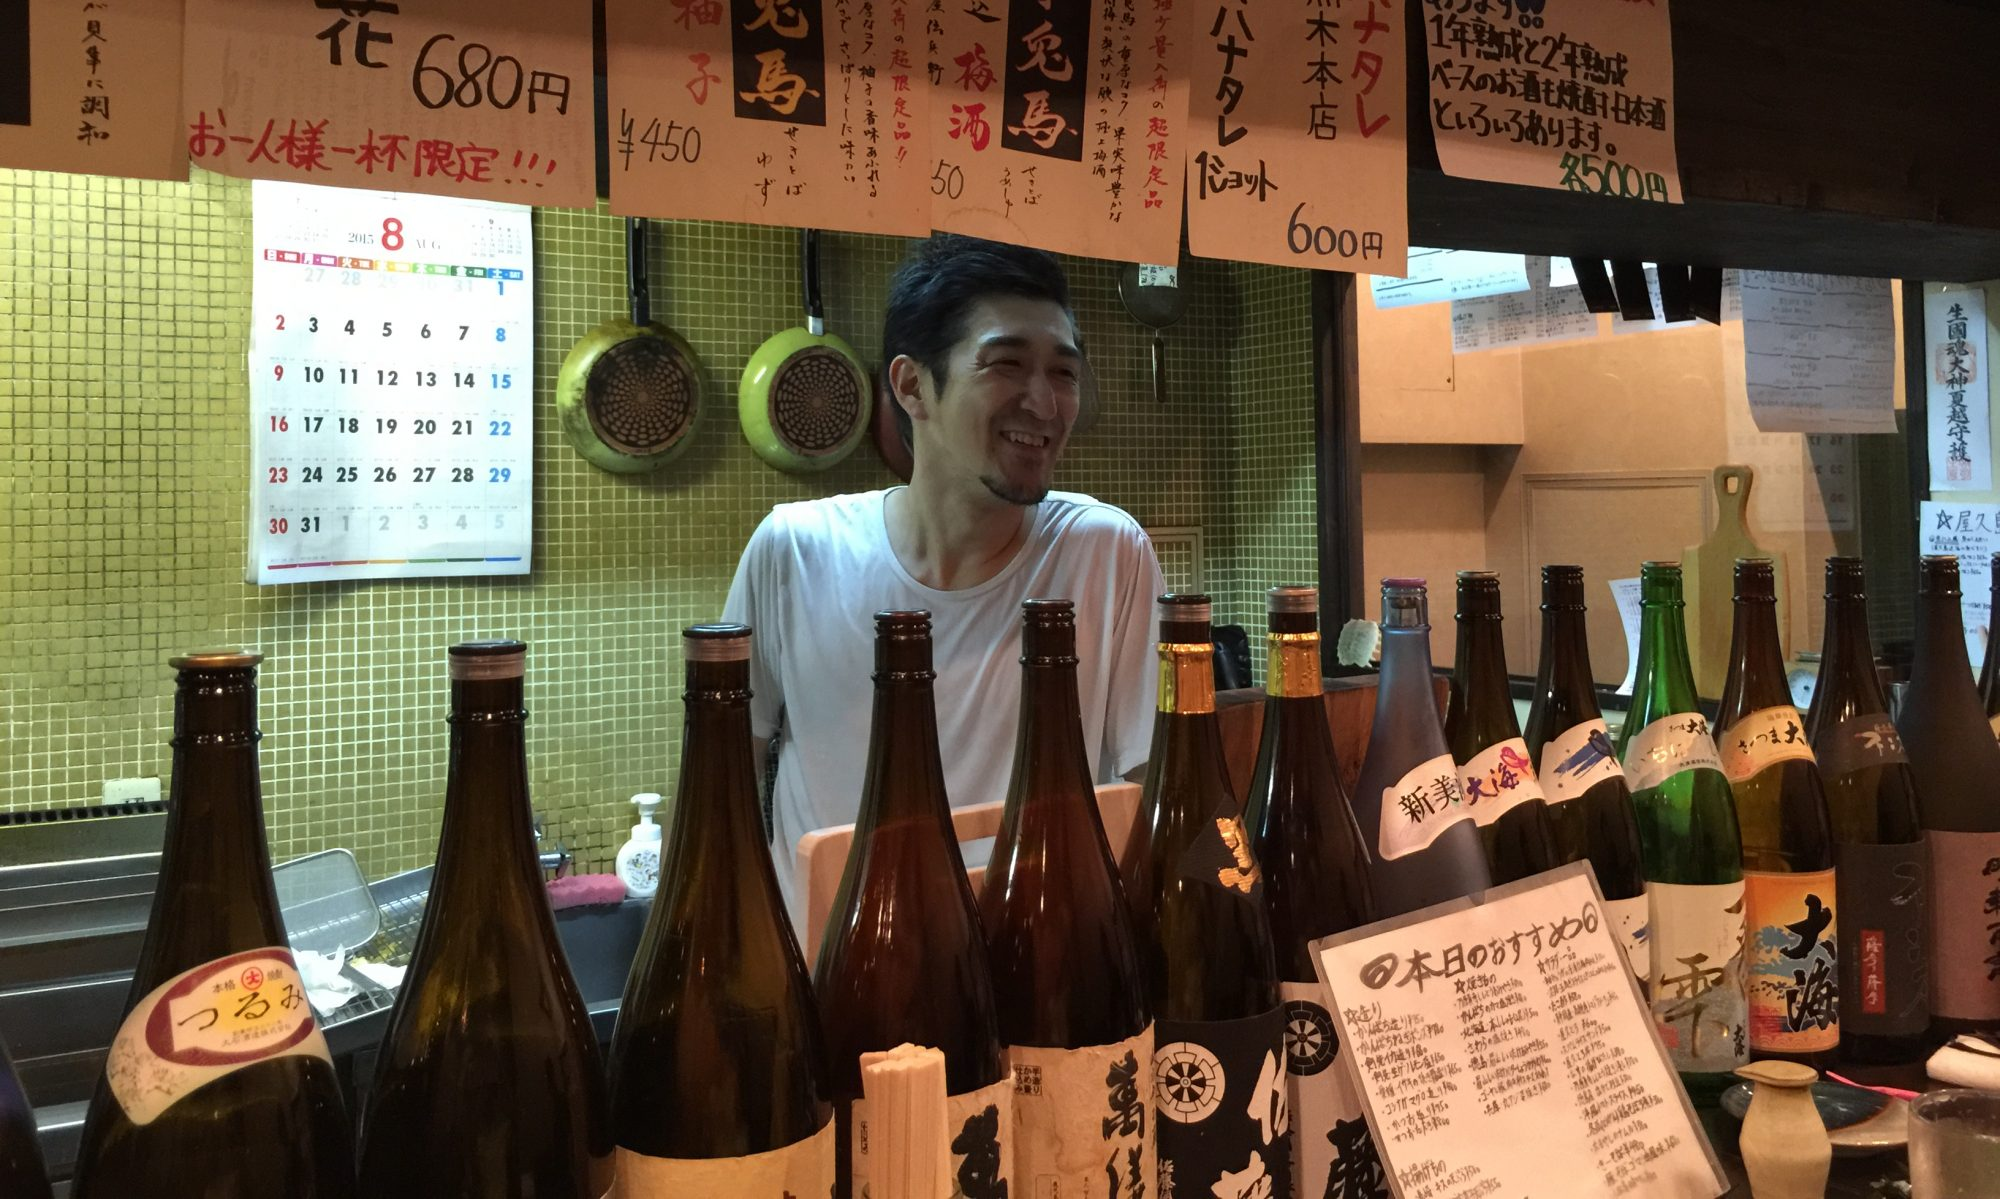 大阪谷4の酒と魚が美味い和食の店。和鮮酒庵やなぎ